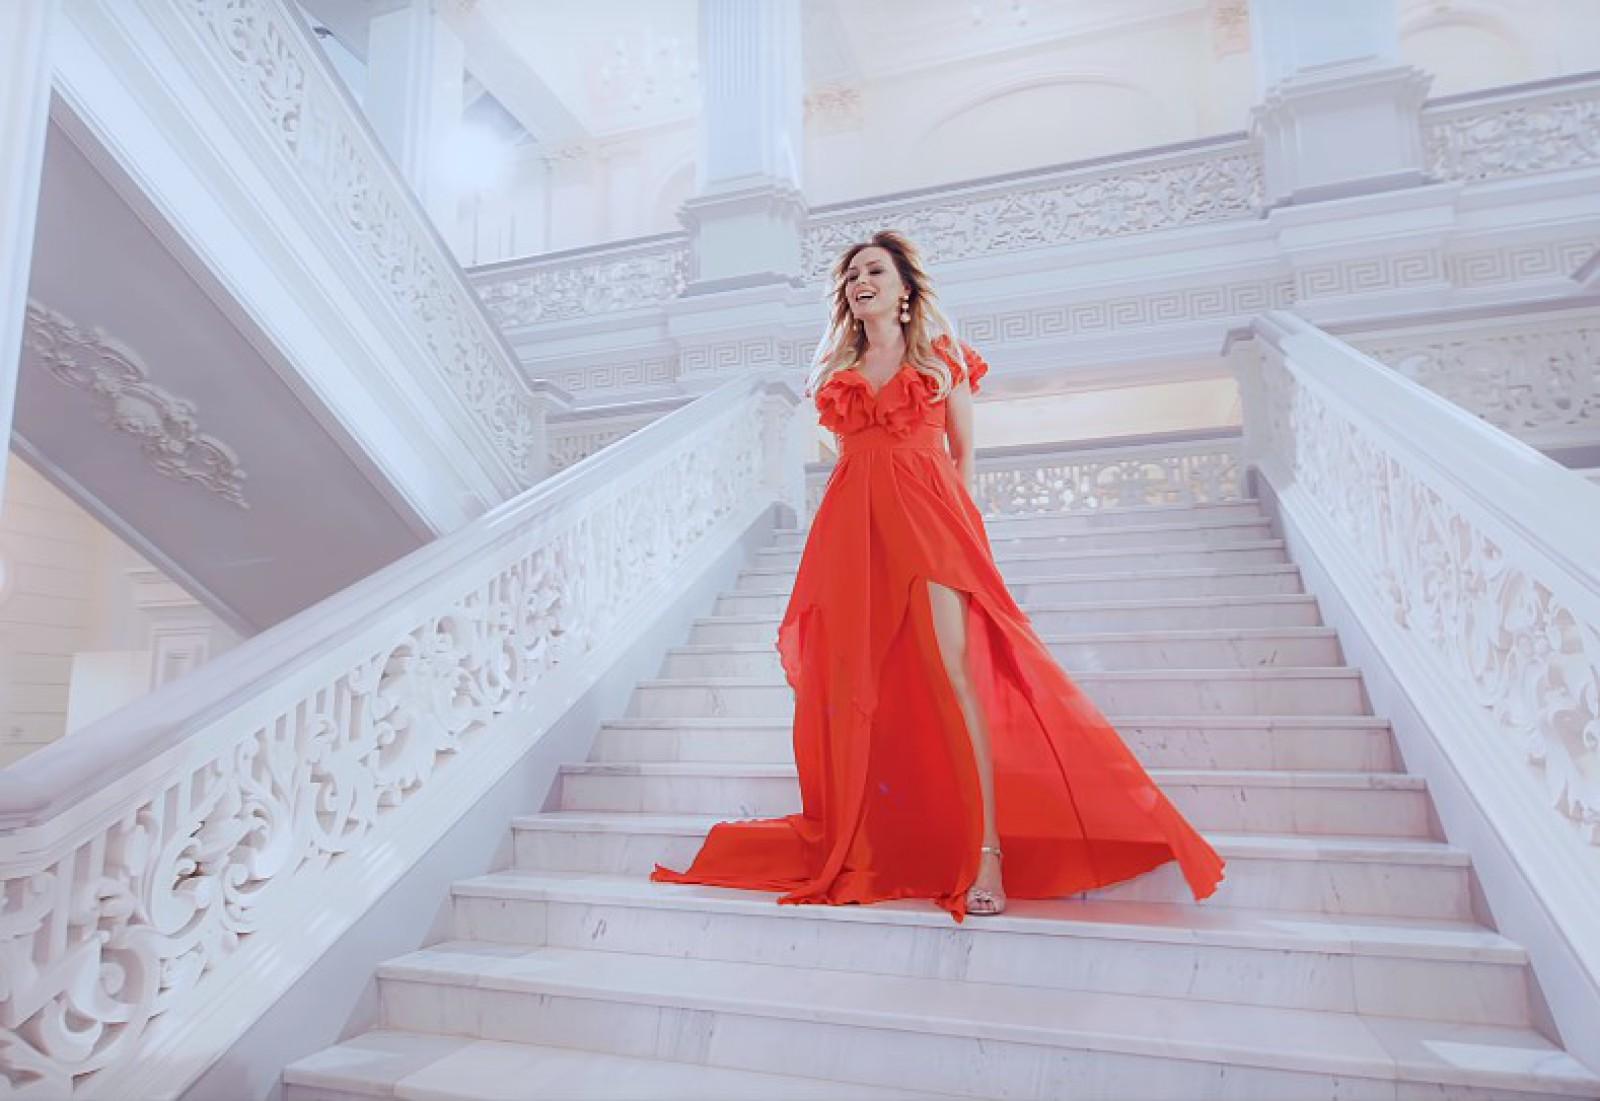 """(video) Interpreta Cornelia Ștefăneț și-a lansat un nou videoclip la piesa """"Noi doi"""""""